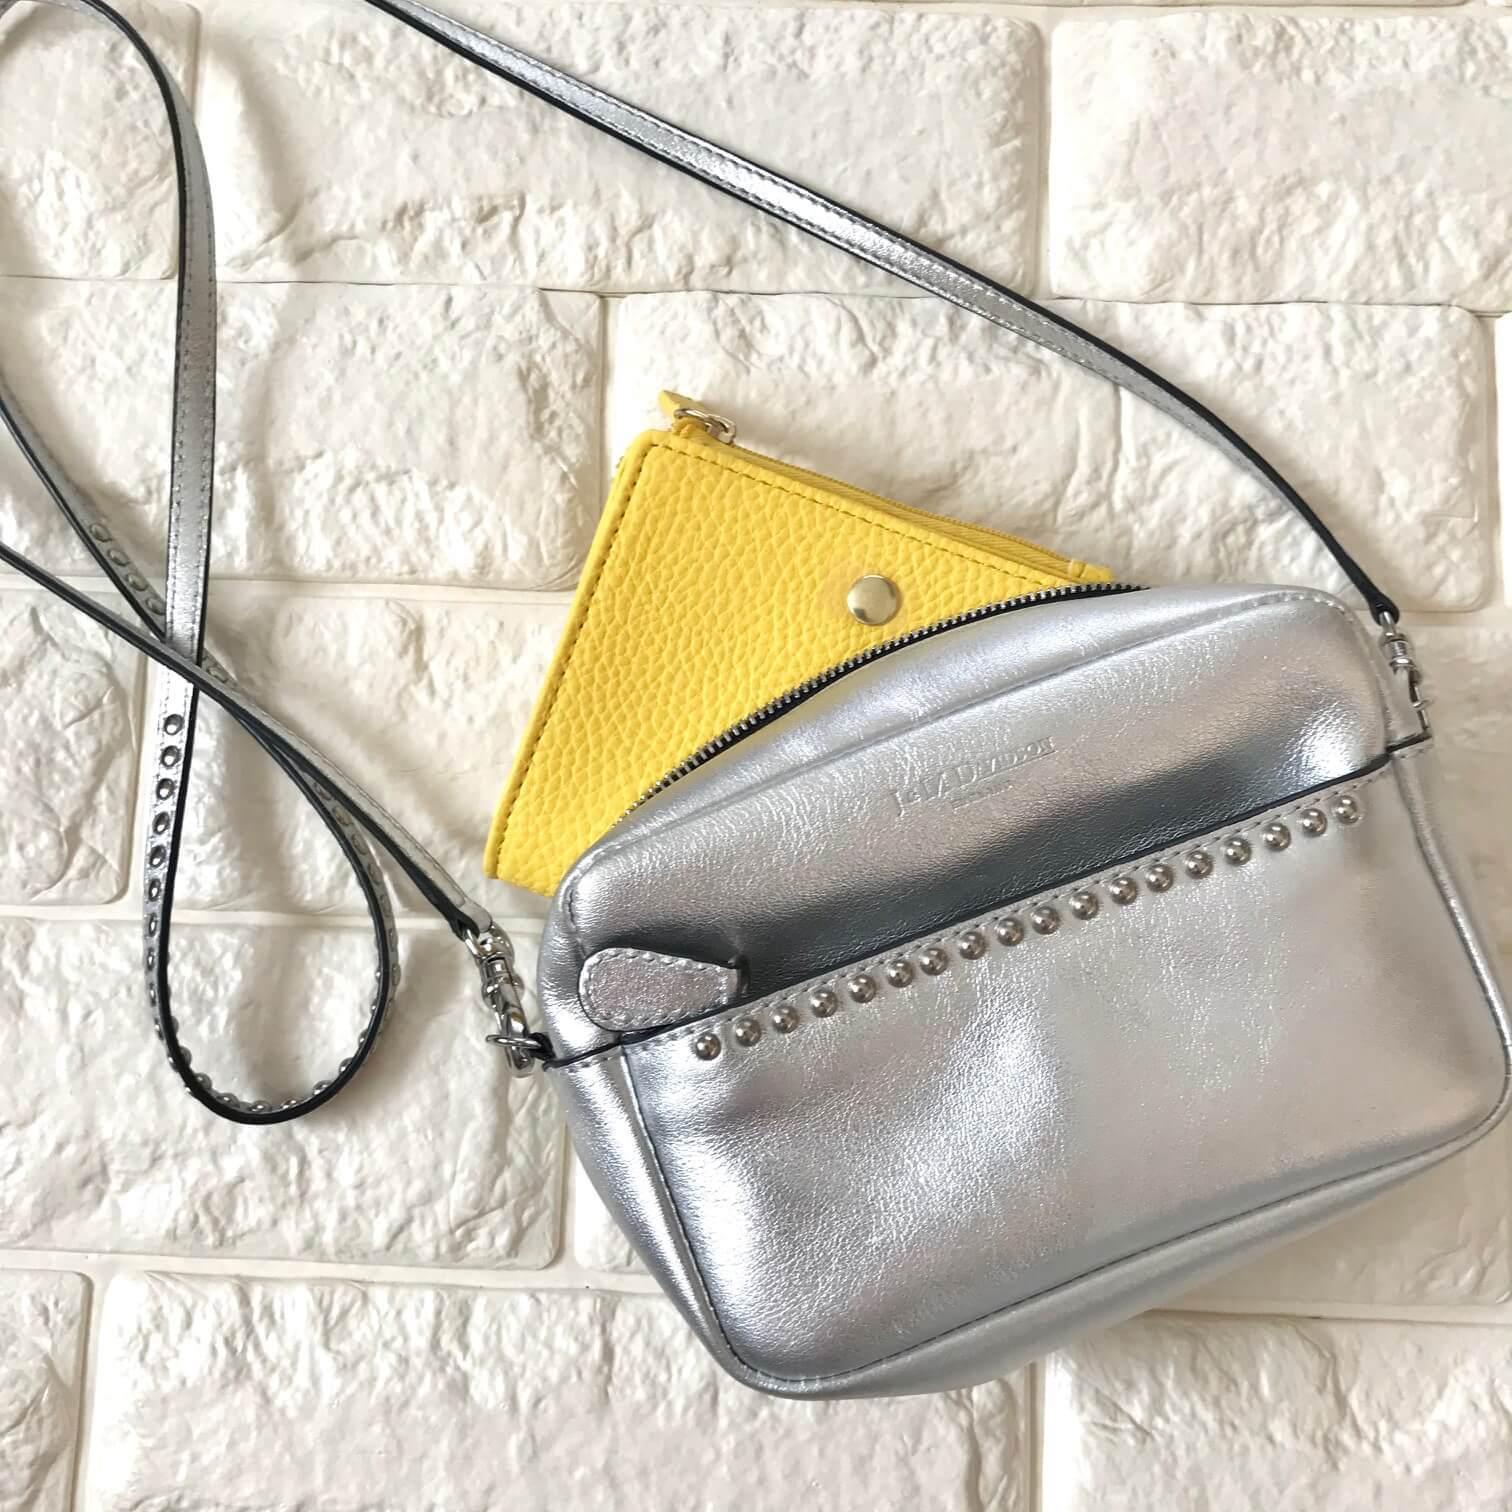 小さいバッグにお財布を入れた画像